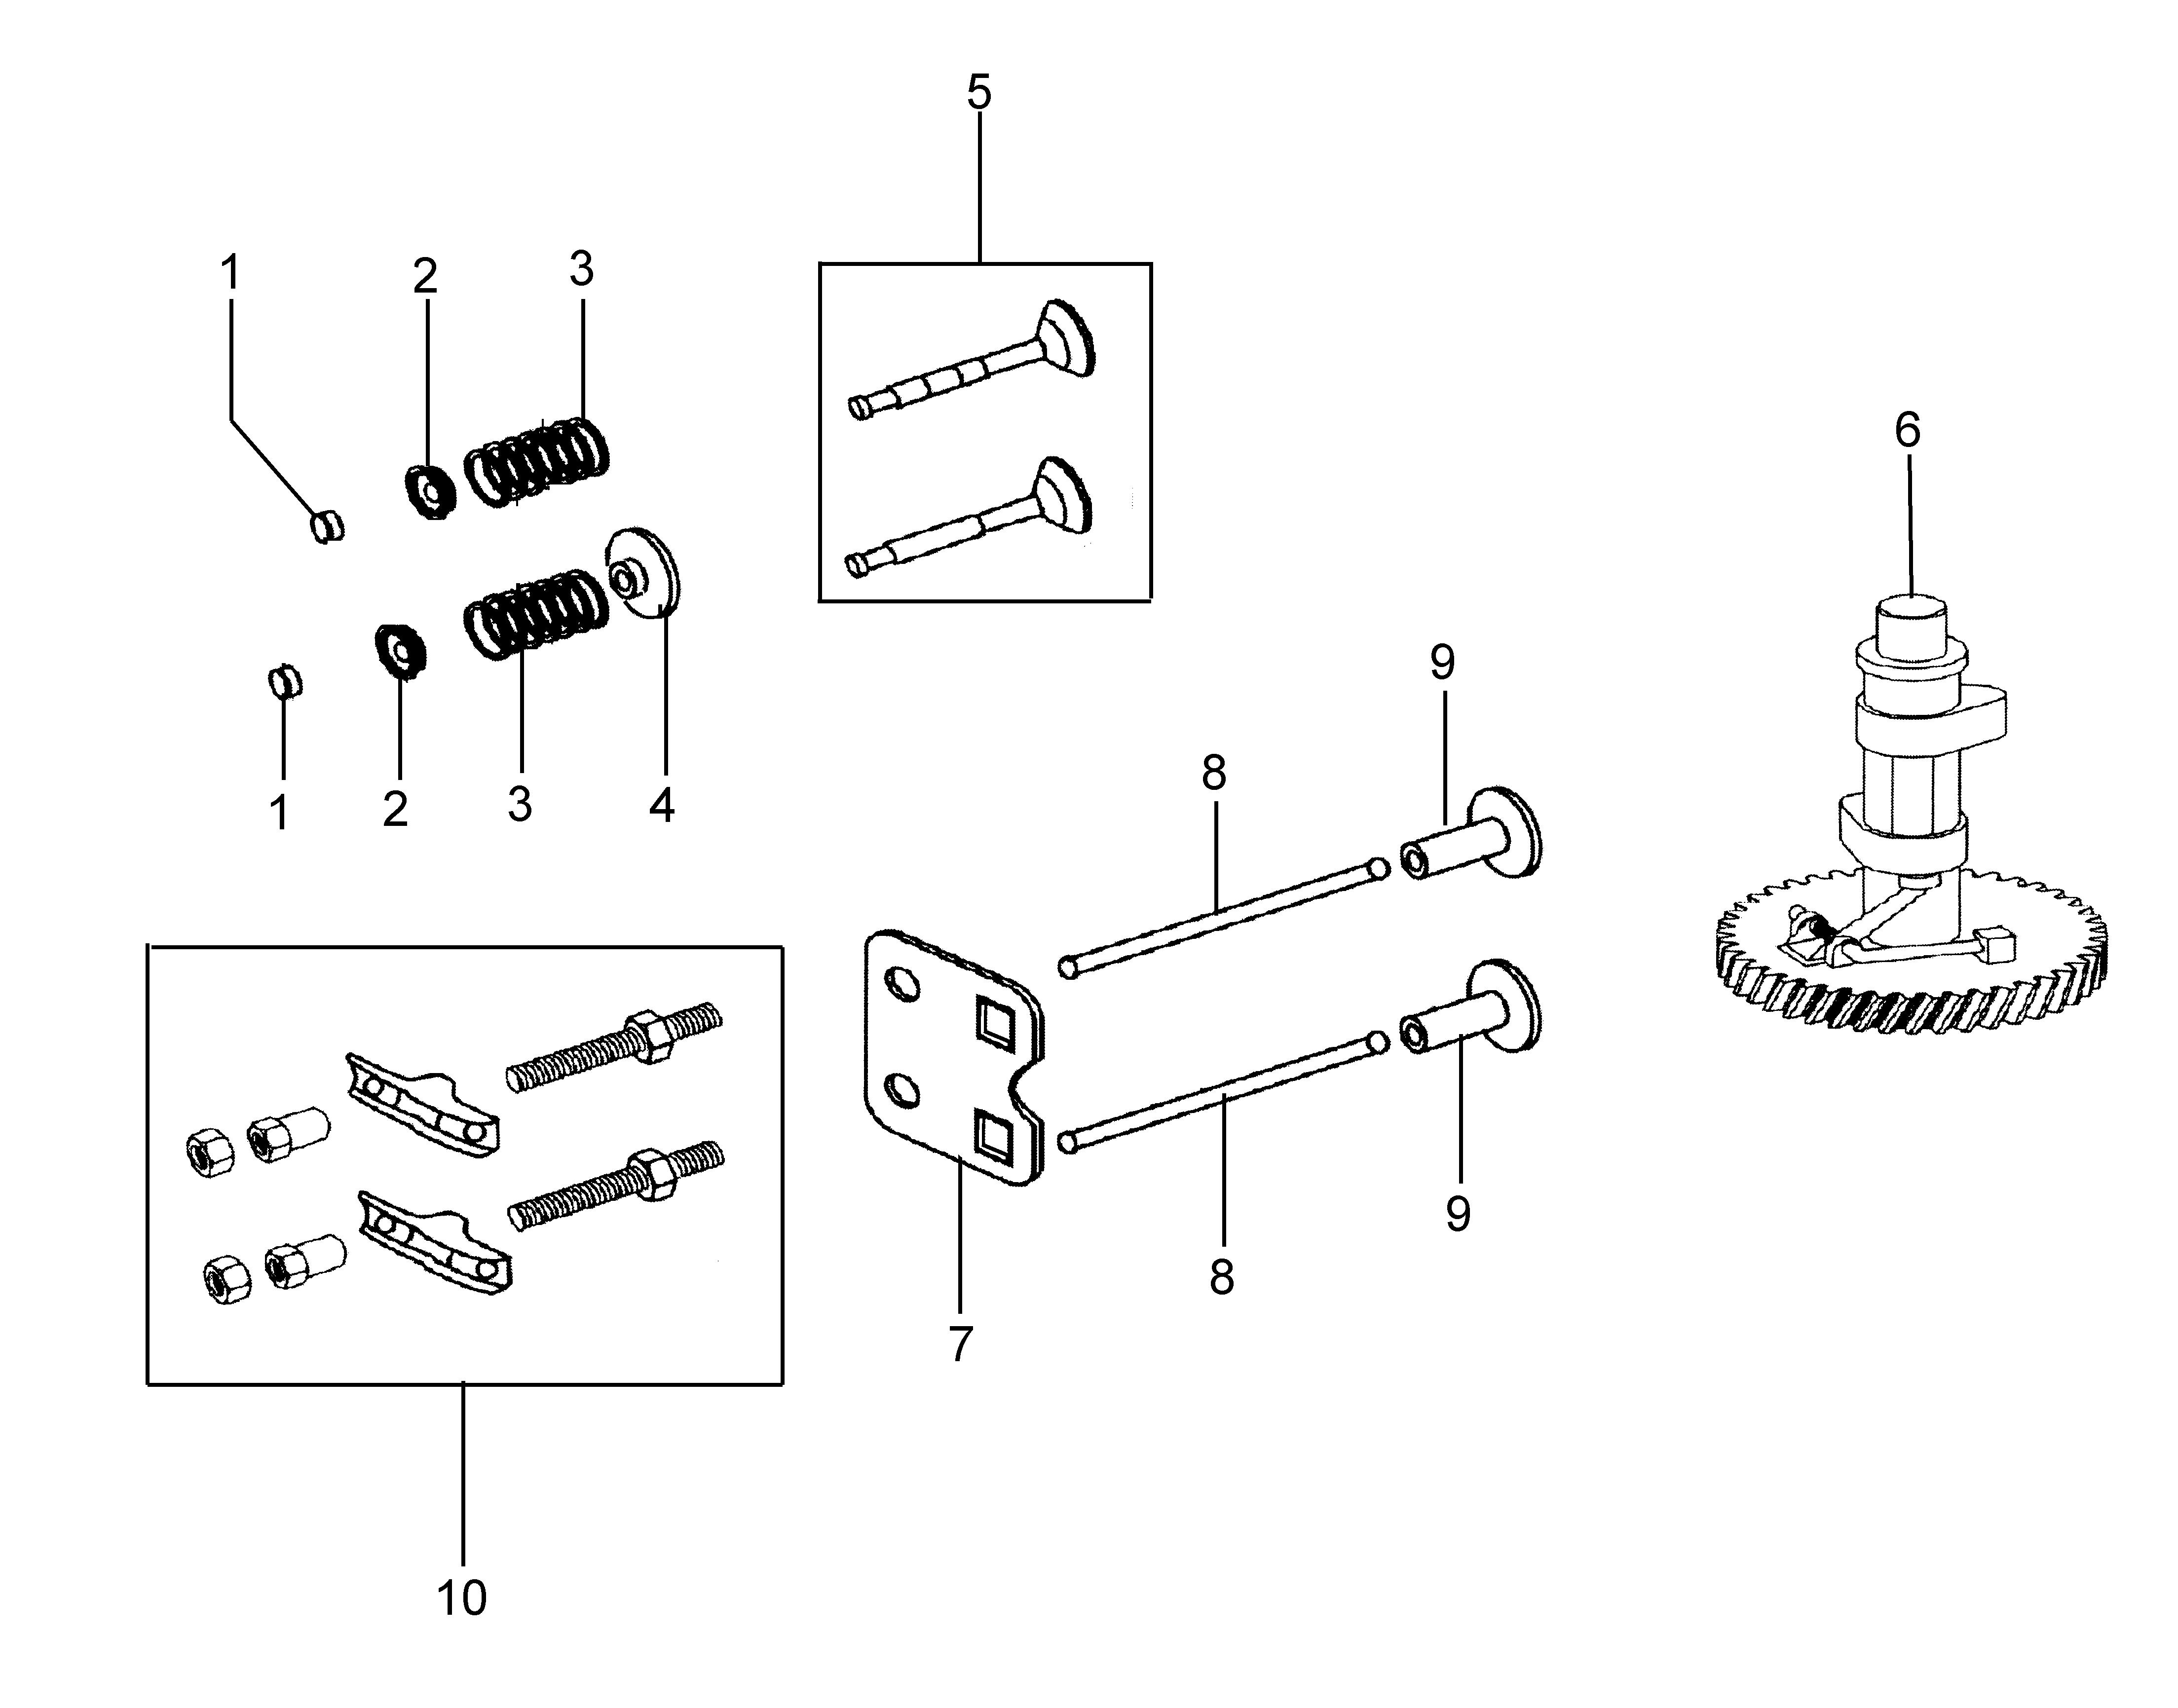 MH 180R - MH 180RK (K700 H) (EN709)Motobineuse oleomac Dessins pièces vue éclatée Soupape et régulateur